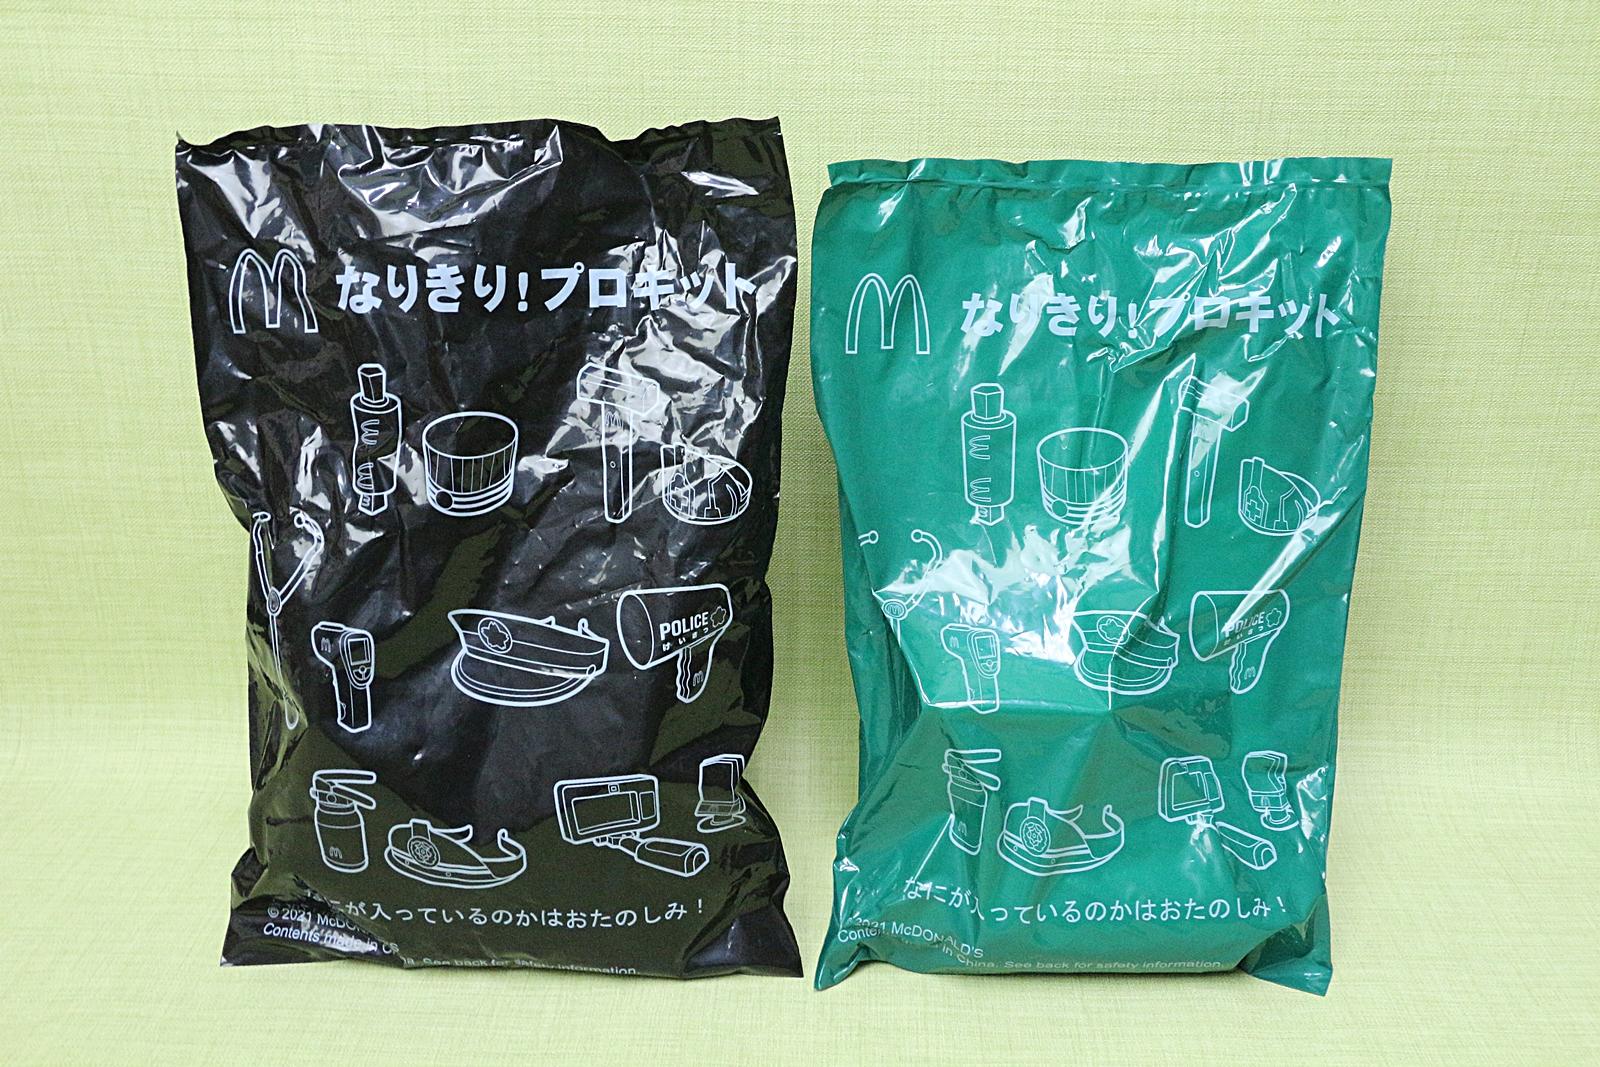 お馴染みのおもちゃ袋は、封入物のサイズに合わせてかなり大きめ。緑色の袋が第1弾、黒色の袋が第2弾となる